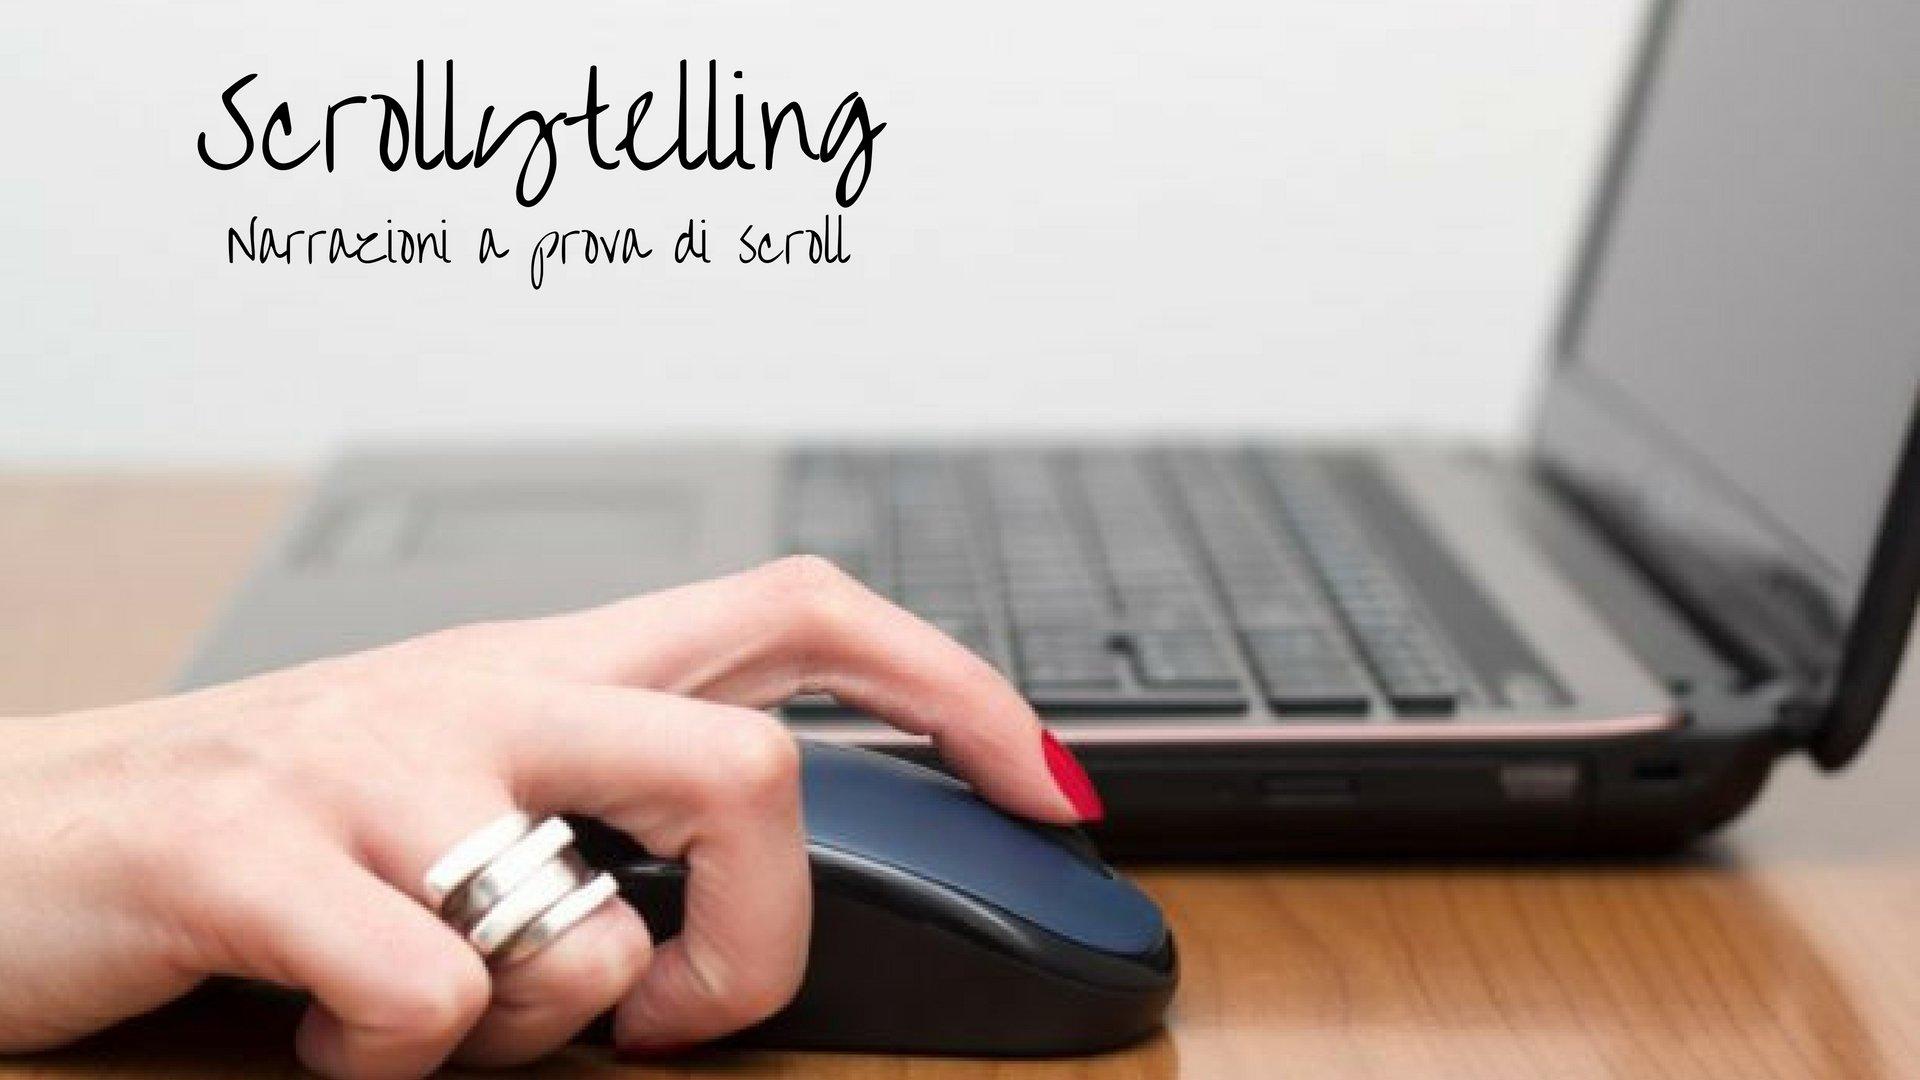 Scrollytelling: narrazione innovativa e coinvolgente